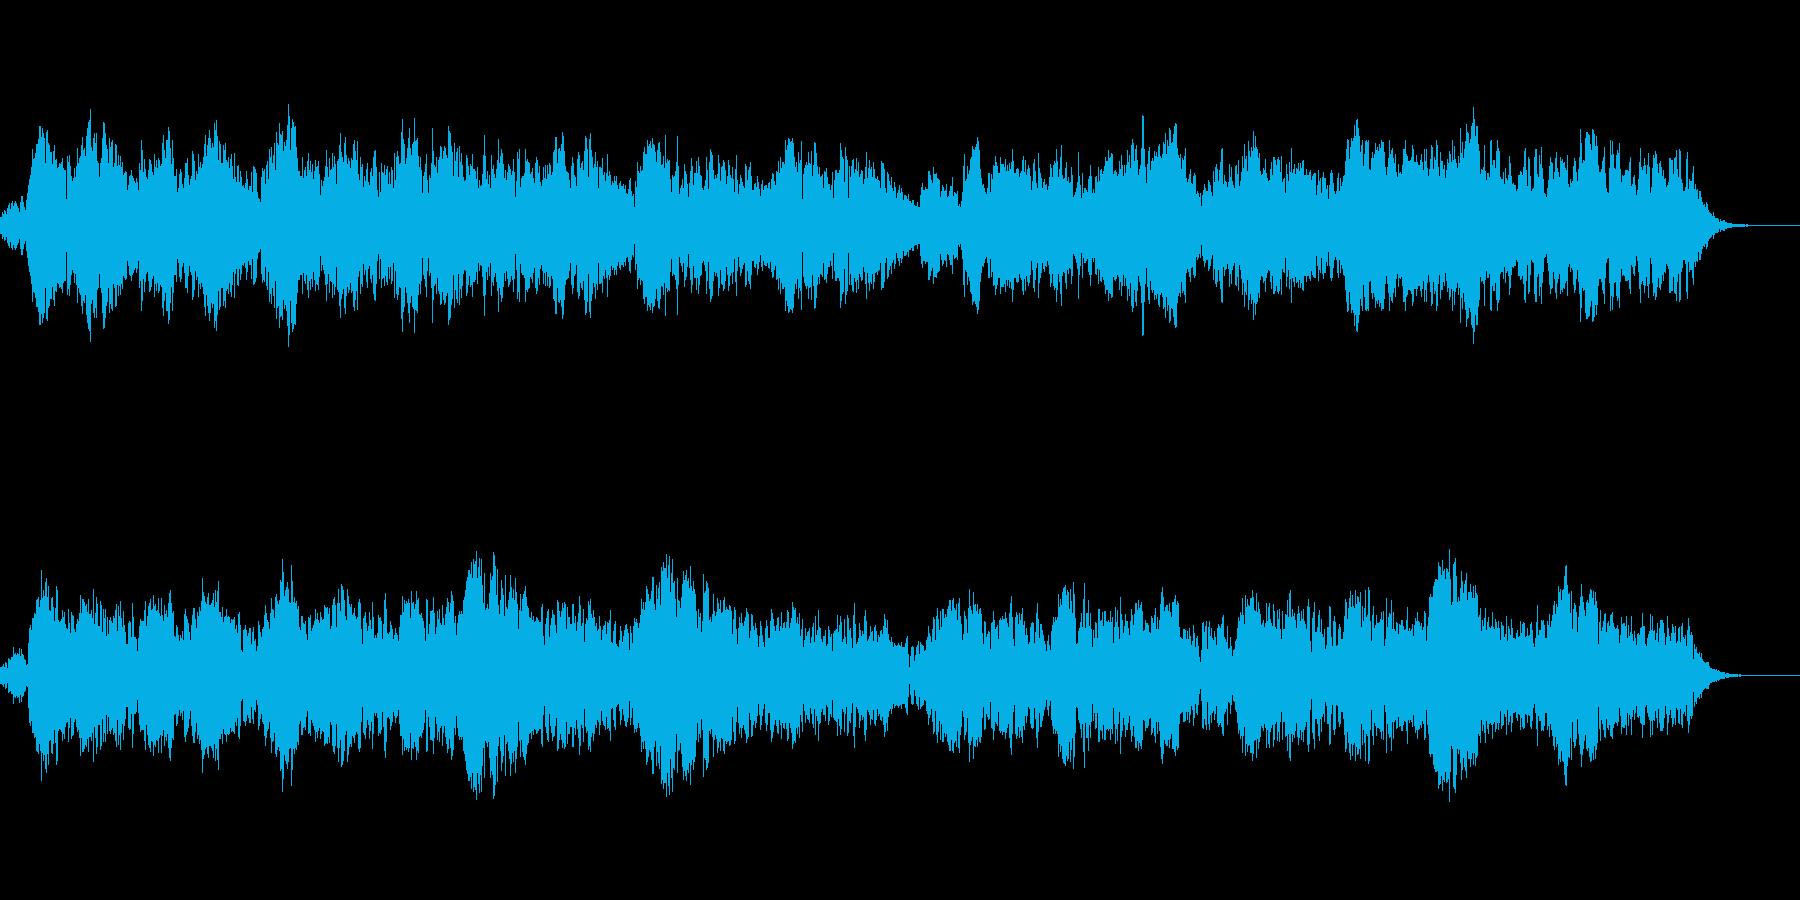 ヒーリング感のある優しい音色のBGMの再生済みの波形